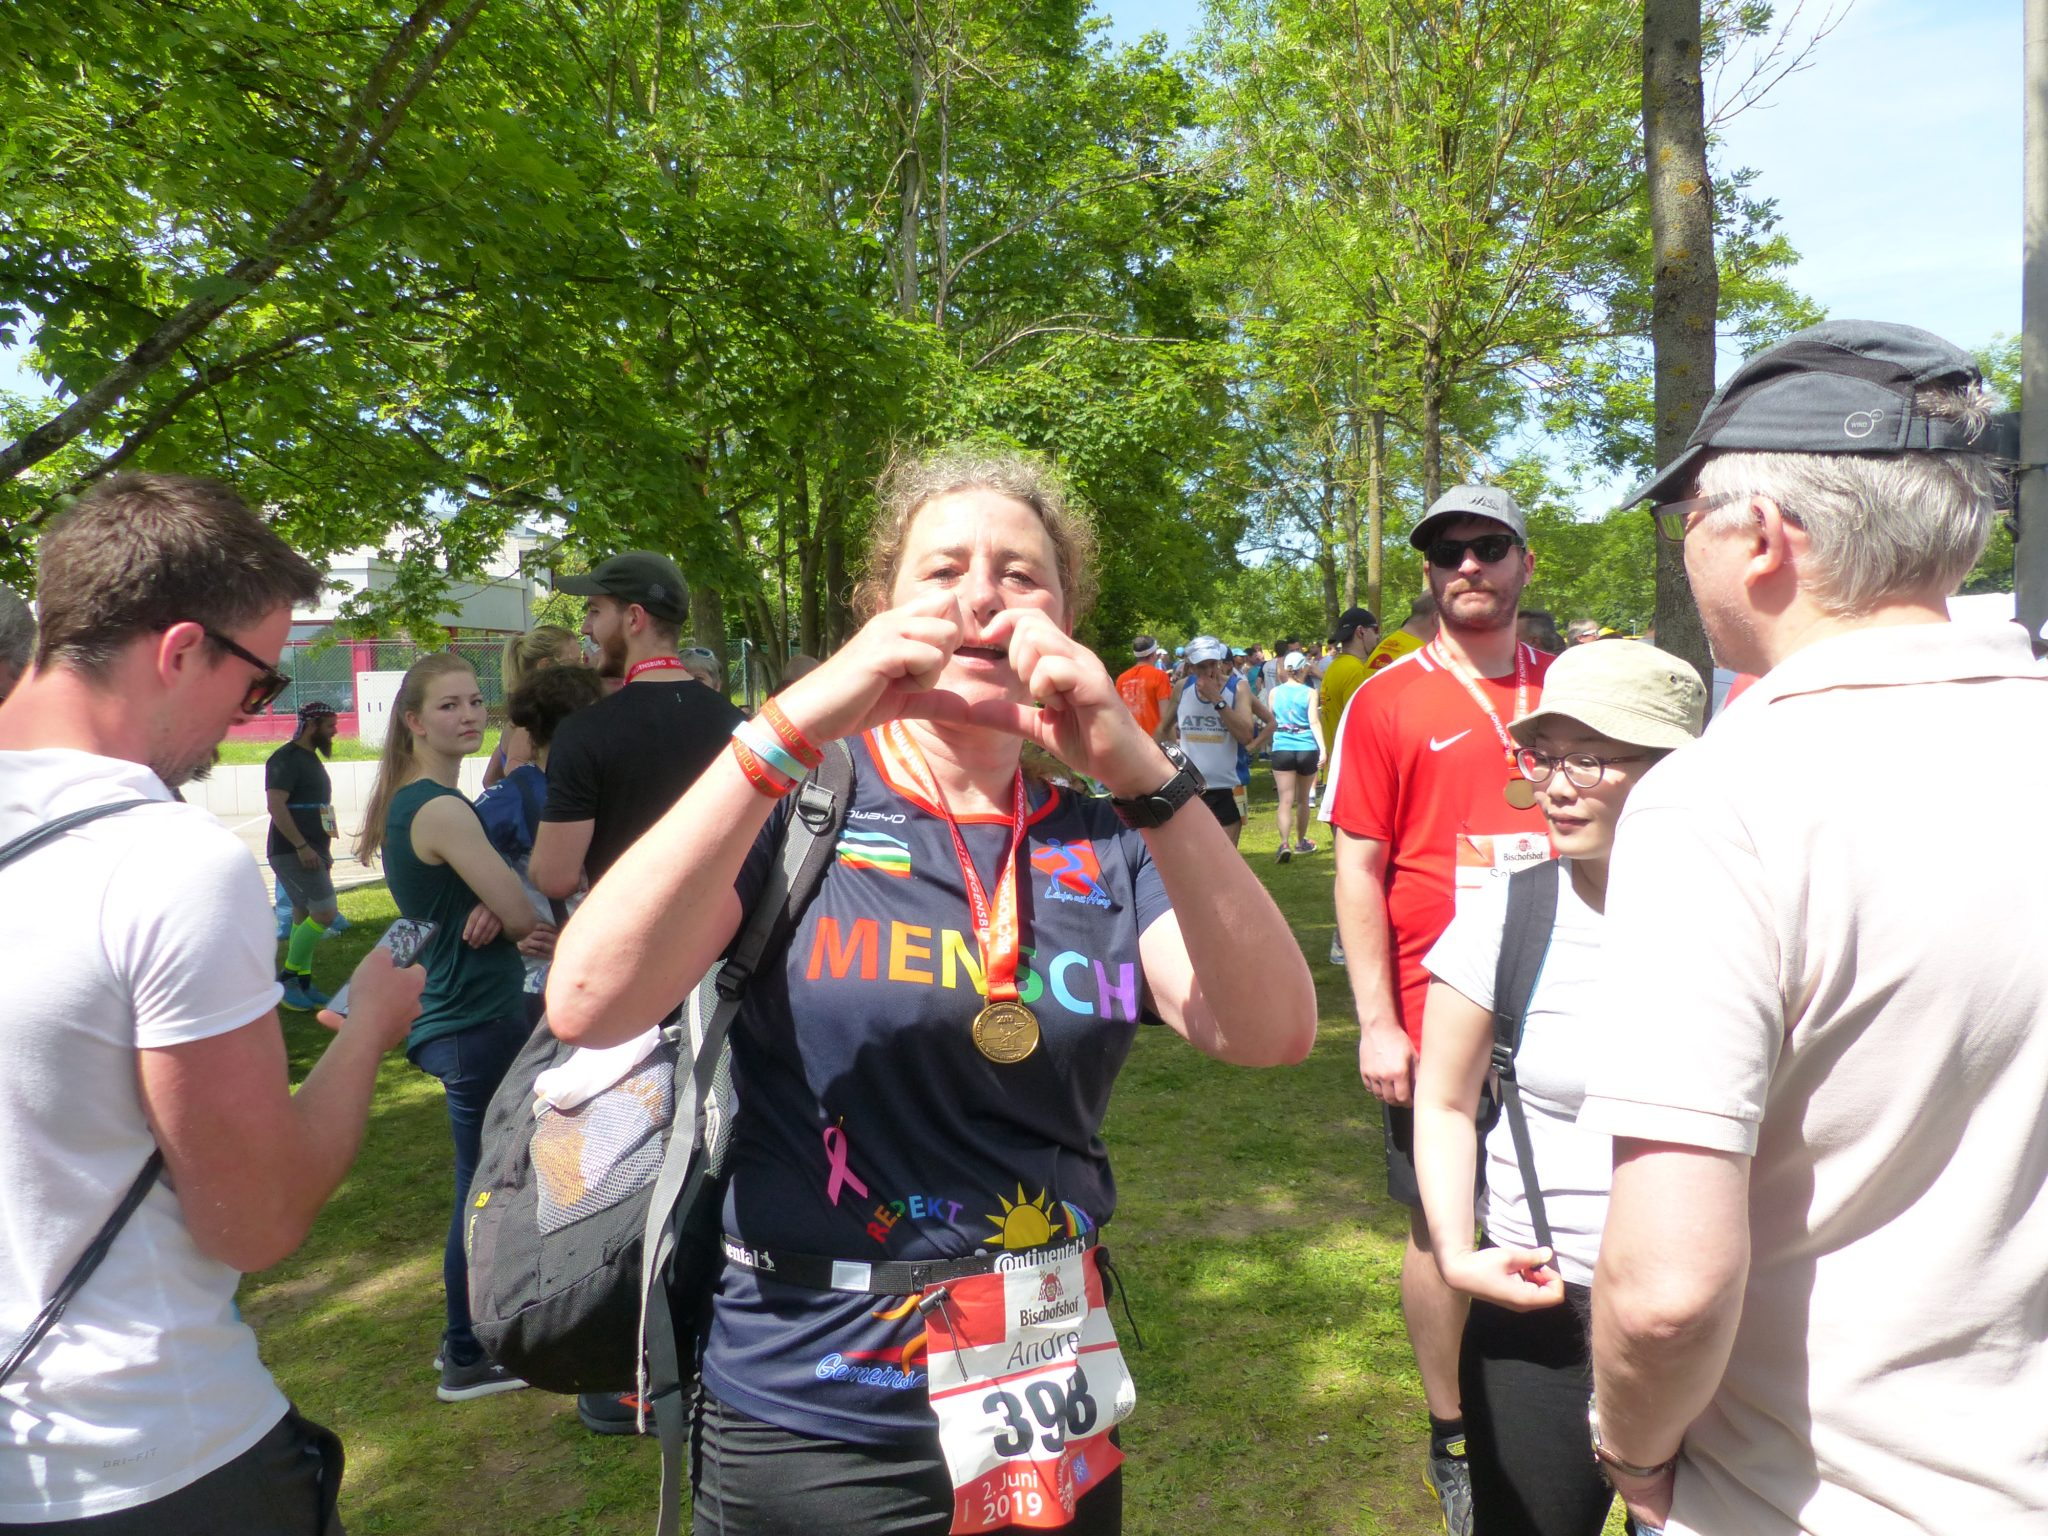 Andrea Schosser - Regensburg Marathon 2019